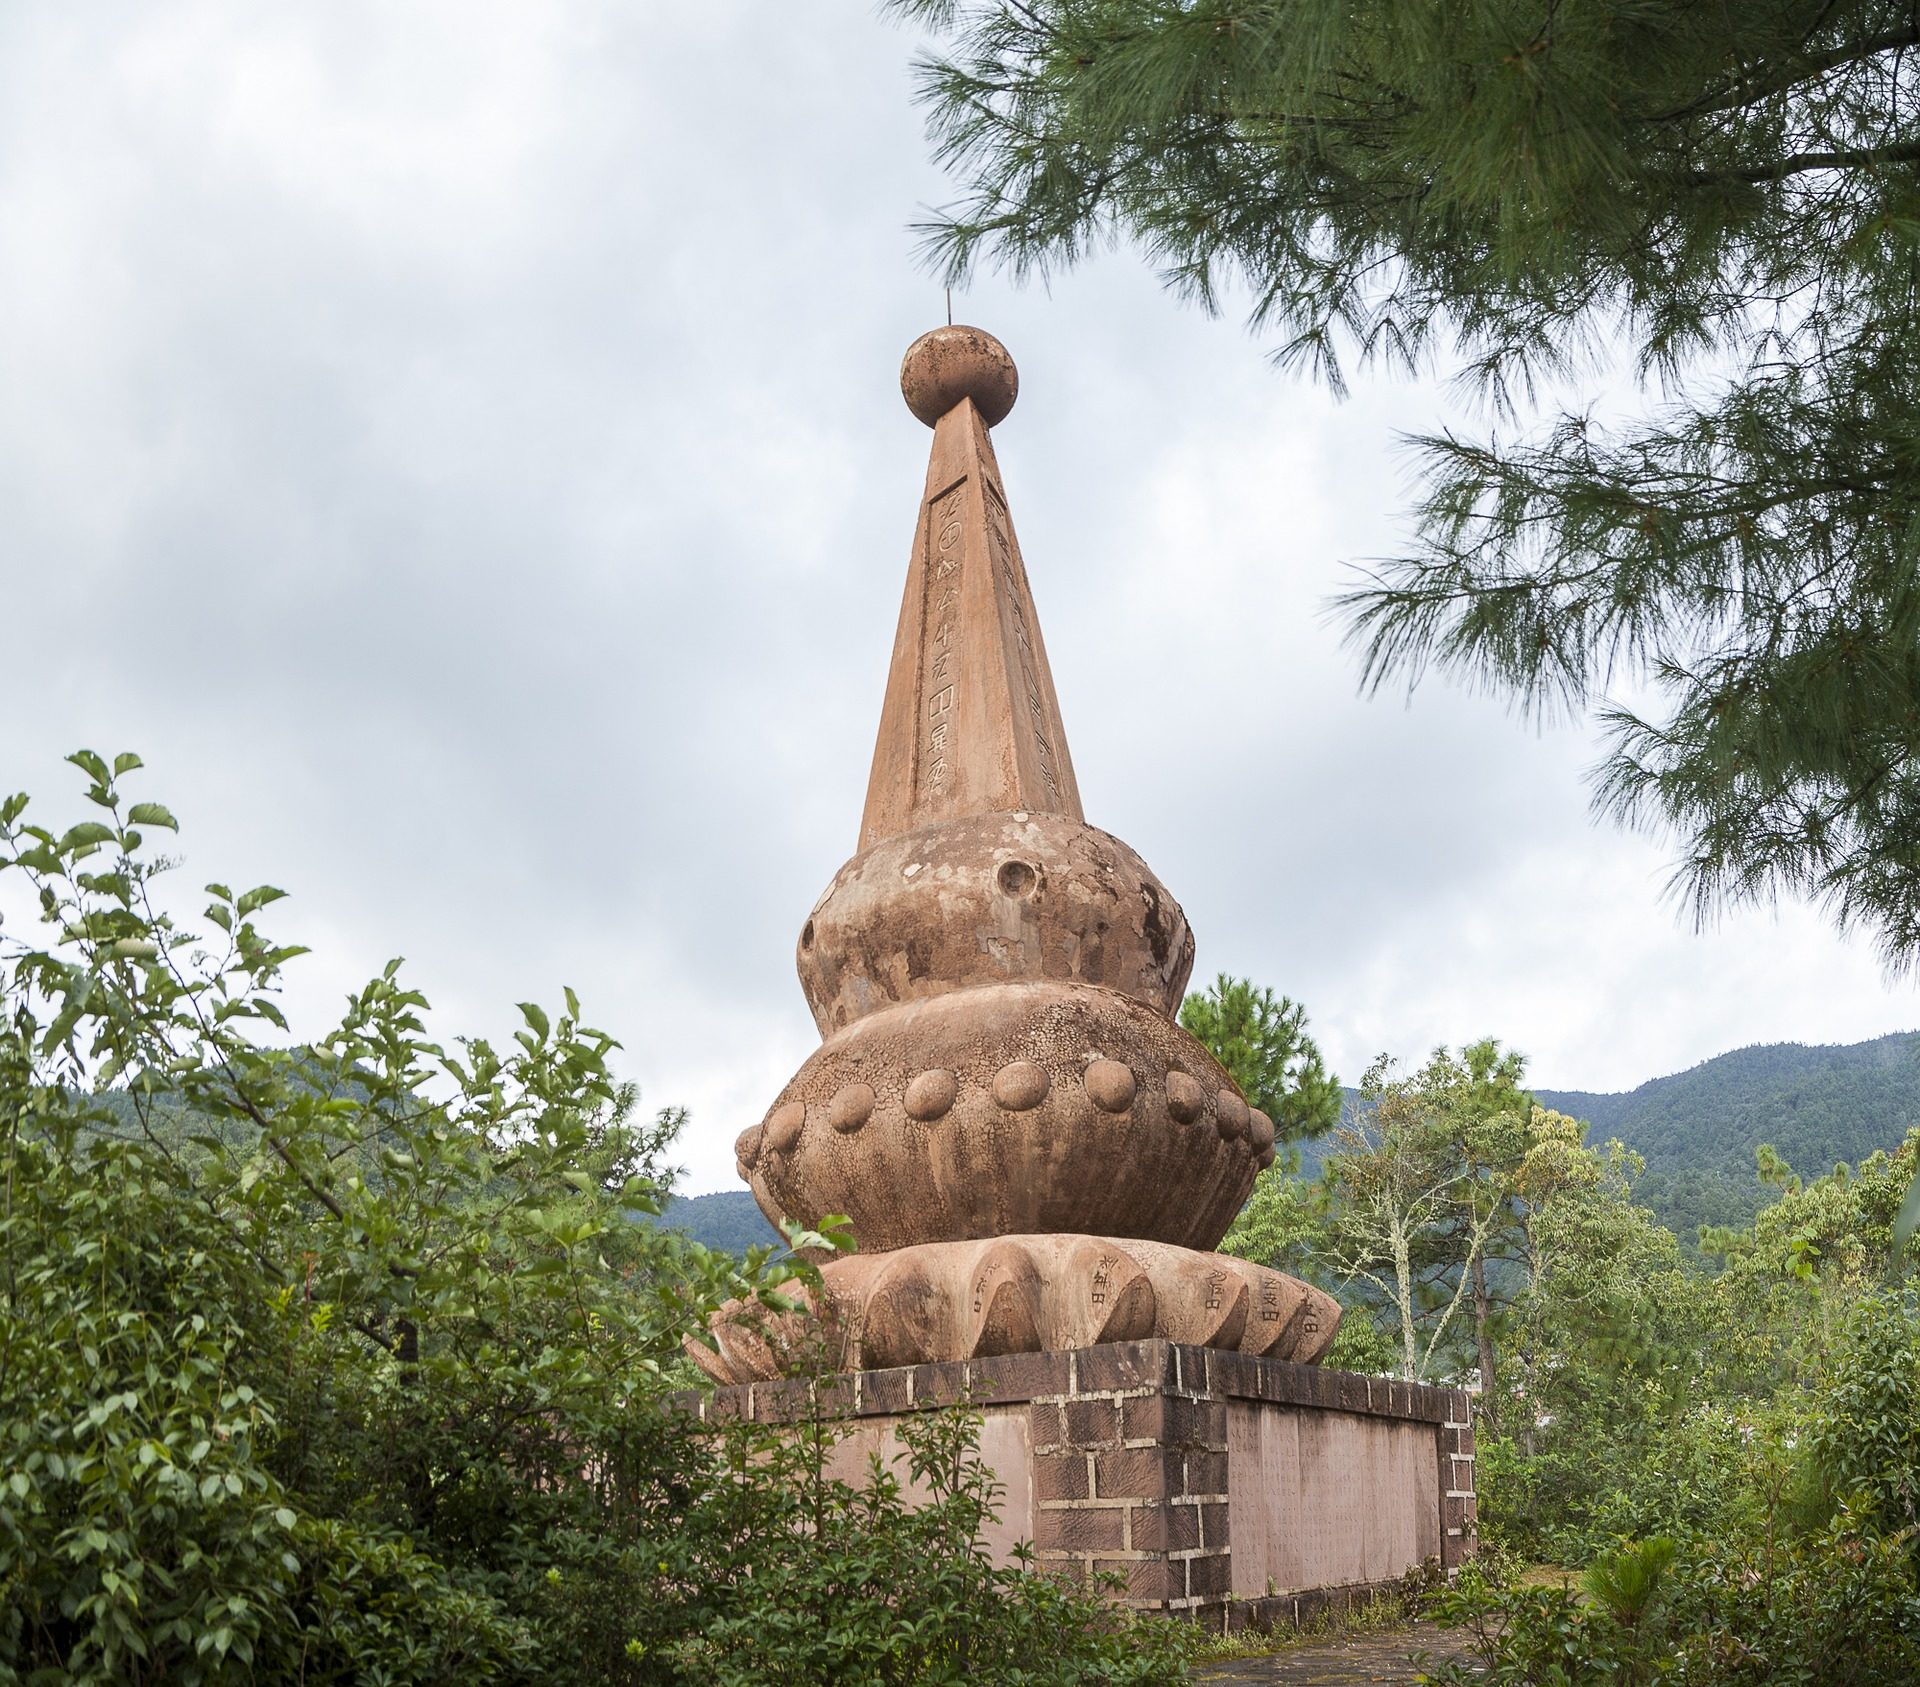 monumento, escultura, piedra, bosque, árboles, montañas, dayao, china - Fondos de Pantalla HD - professor-falken.com